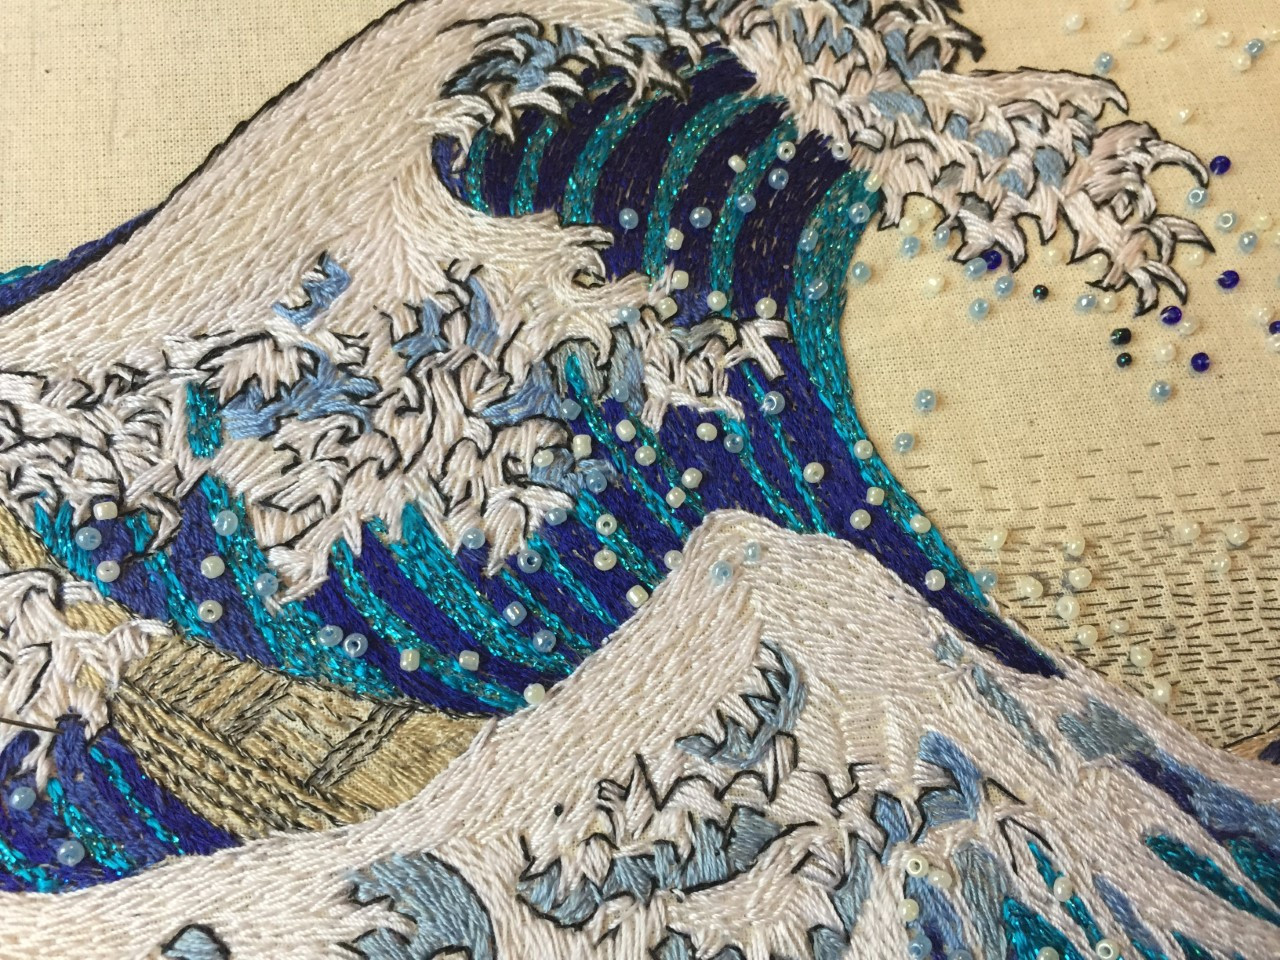 La gran ola, mi interpretación en hilo de Hokusai